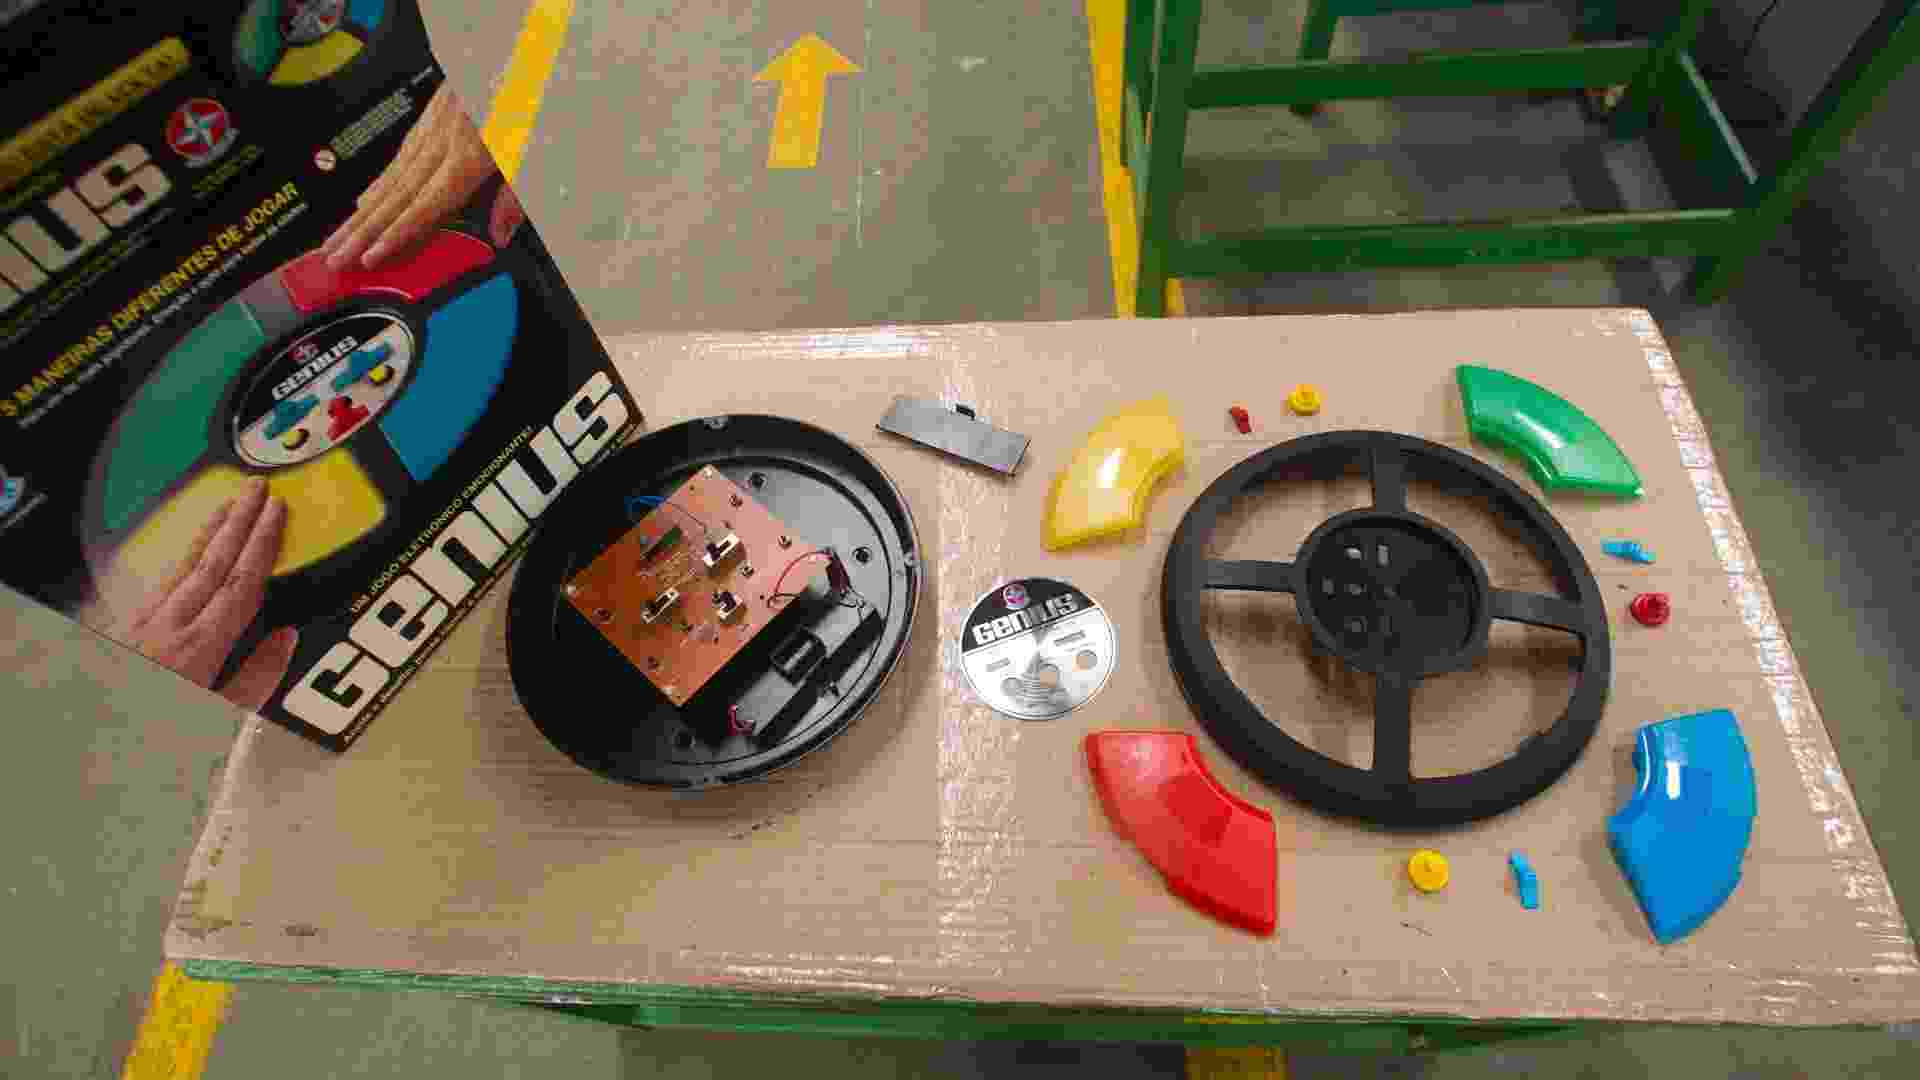 Fabricação do brinquedo Genius, da Estrela, em Itapira (SP) - Fernando Donasci/UOL